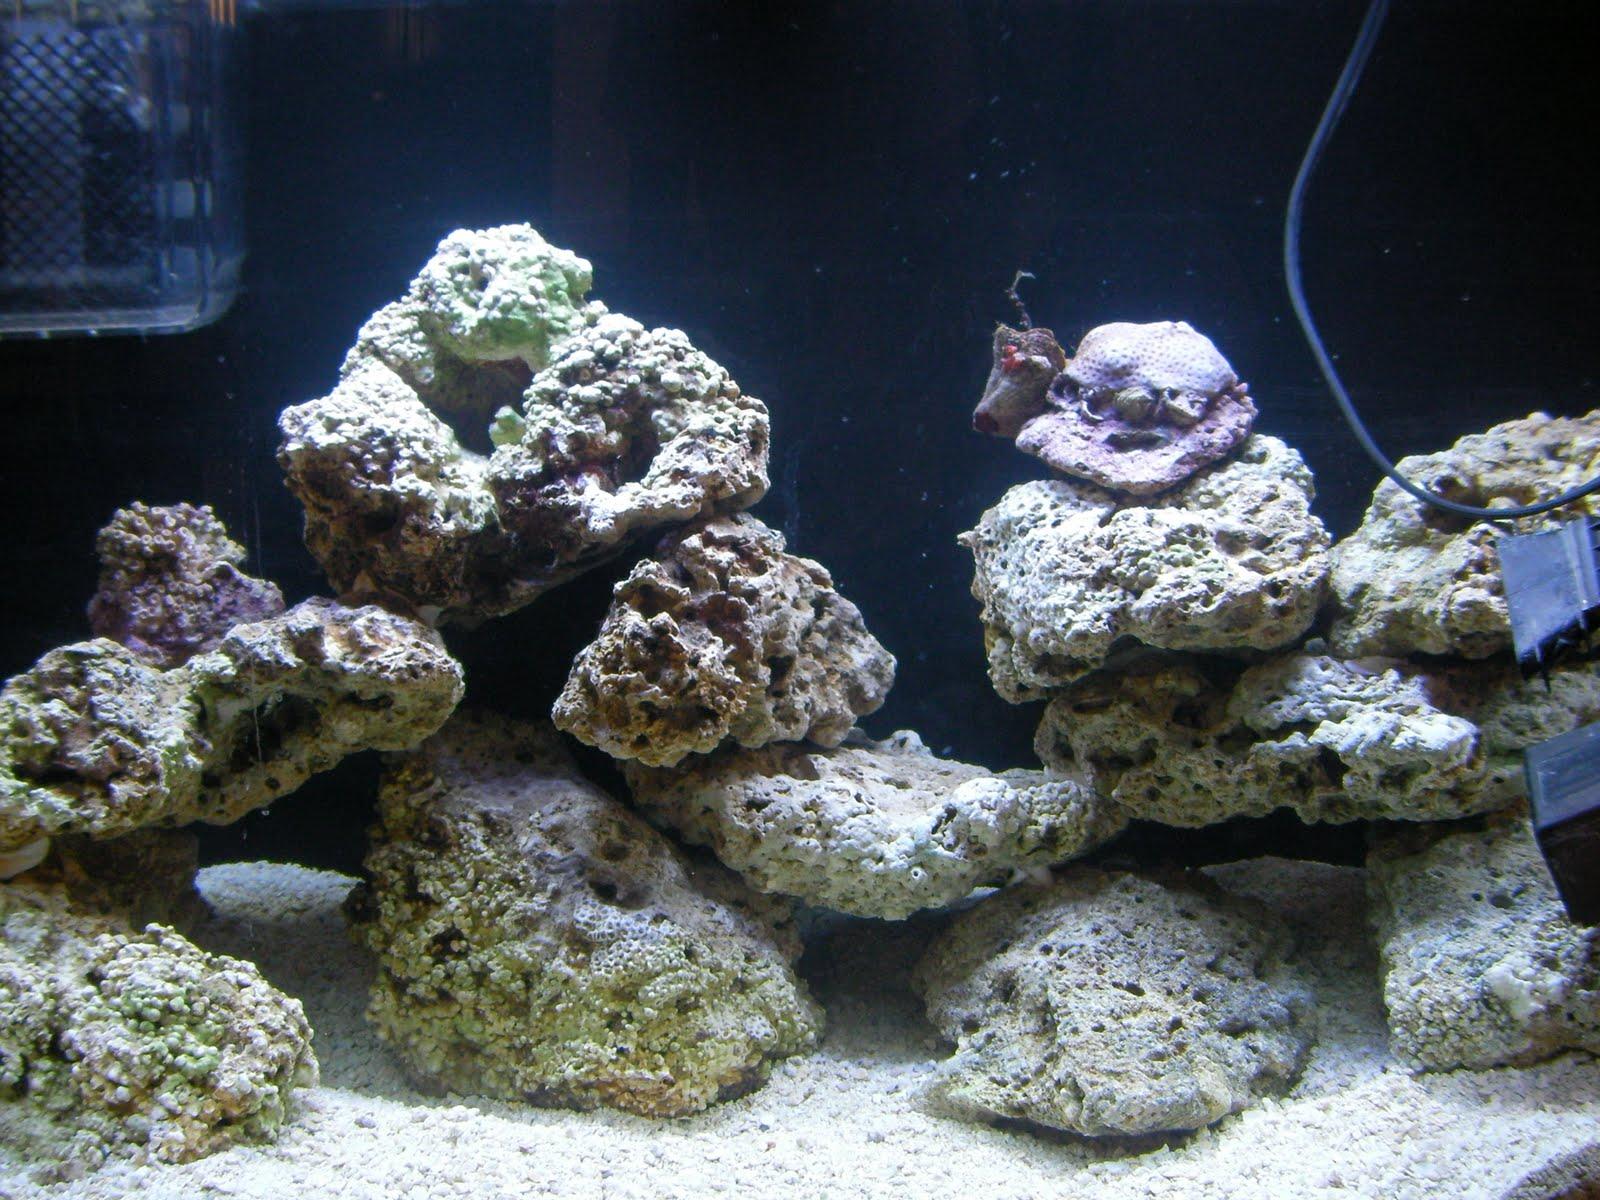 Jake's Saltwater Aquarium: Permanent Aquascaping